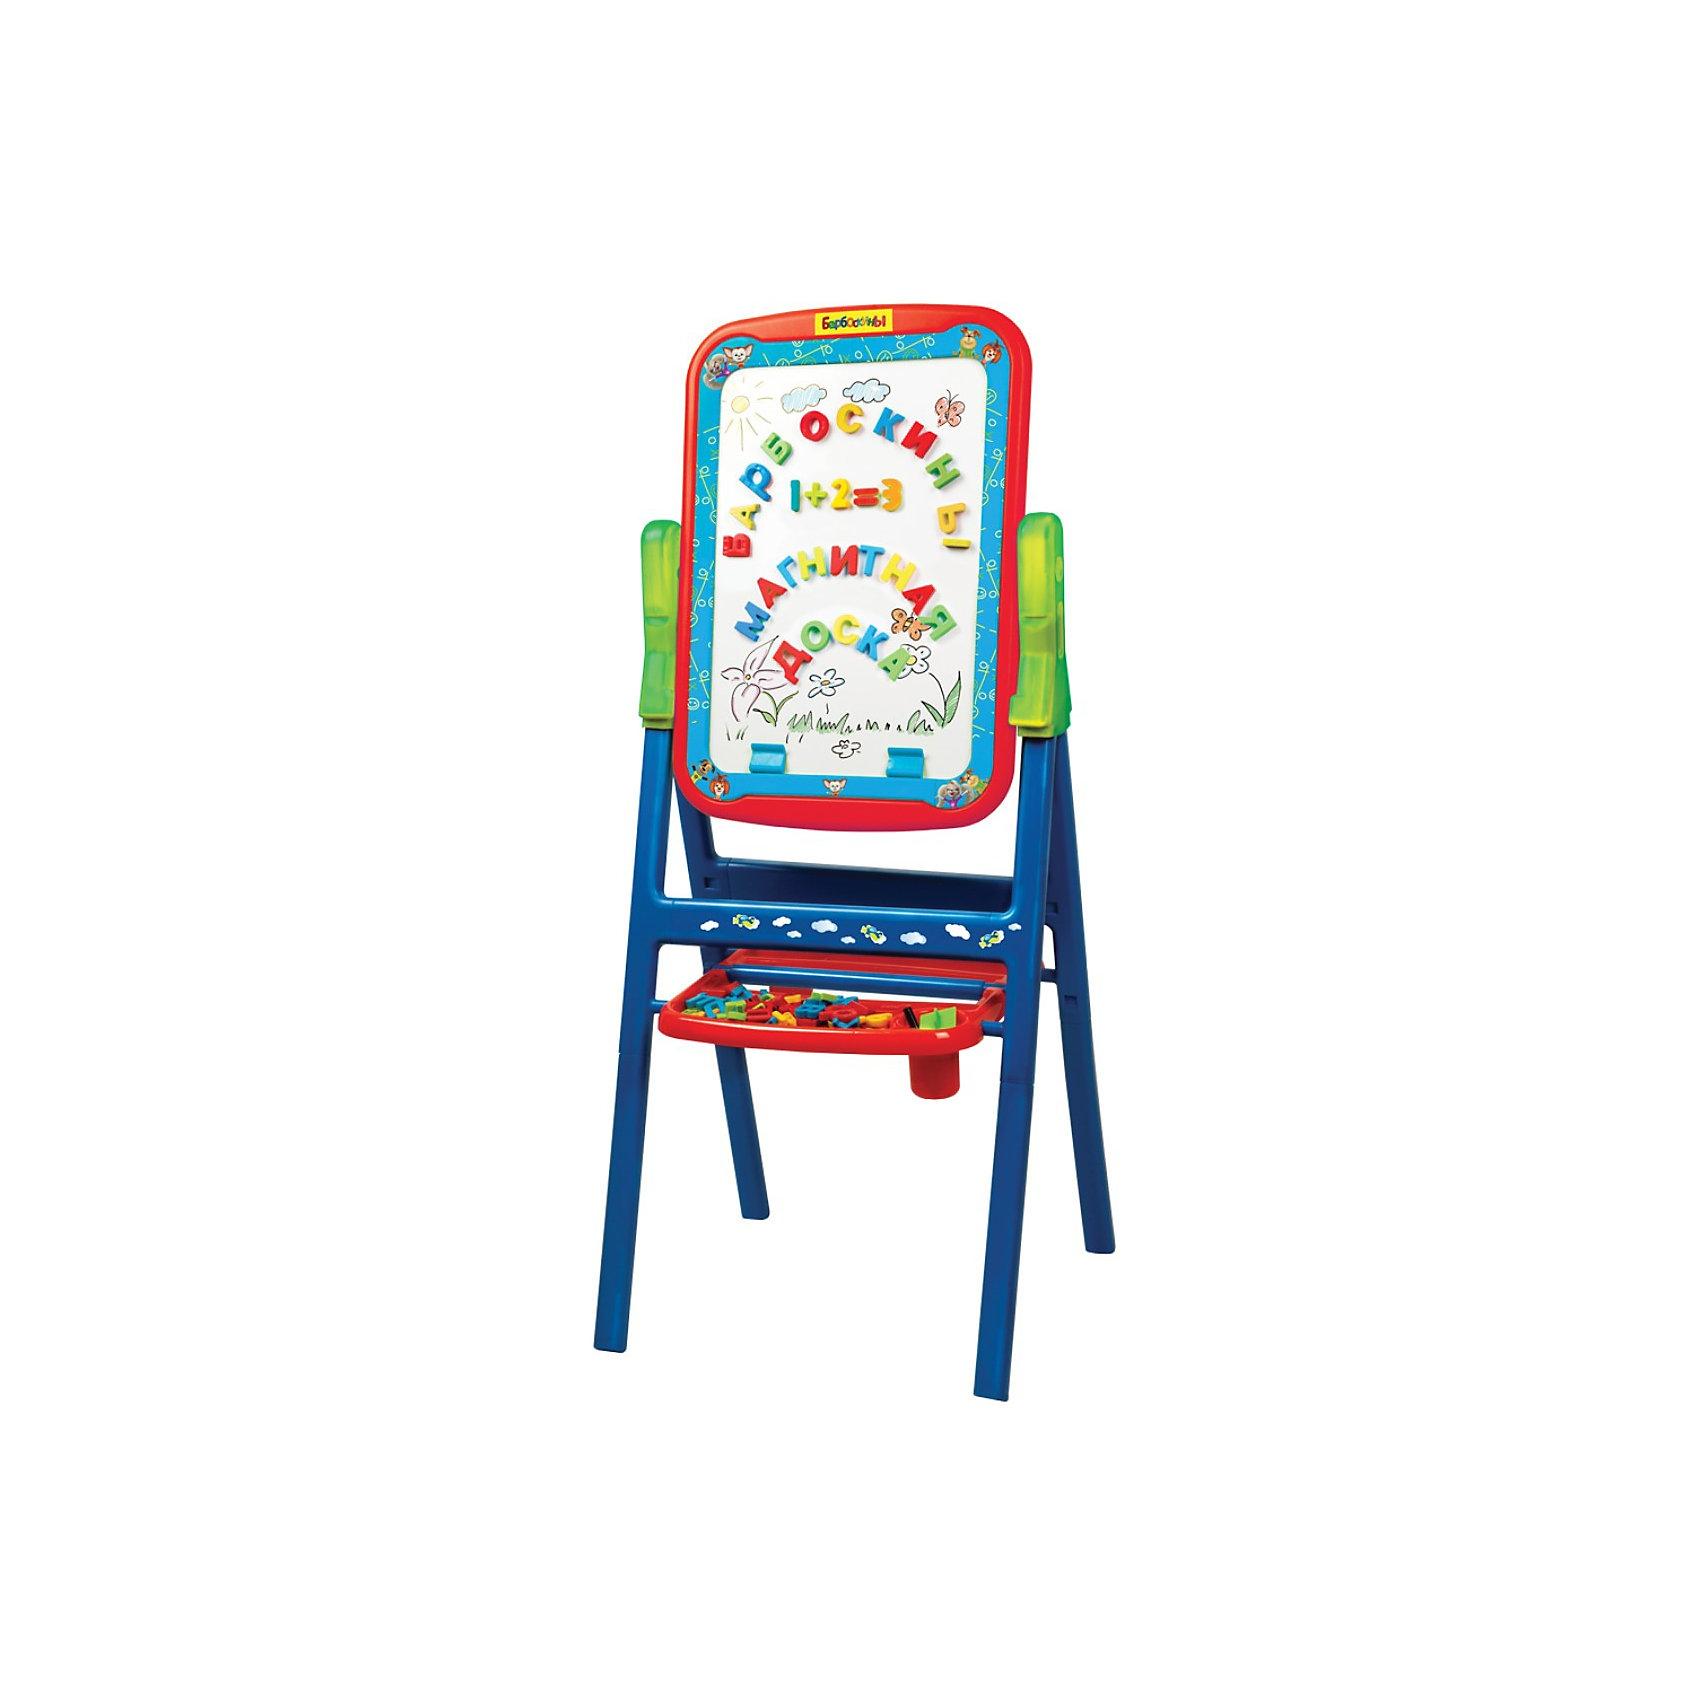 WINNER Доска двухсторонняя с буквами и аксессуарамиWINNER Доска двухсторонняя с буквами и аксессуарами - это двухсторонняя доска с магнитными буквами и цифрами, на которой могут рисовать два ребёнка. Такая доска поможет выучить алфавит, и научиться различать цвета. <br><br>С доской WINNER Ваш ребёнок будет с удовольствием играть в школу!<br><br>Дополнительная информация:<br><br>- Высота доски: 110 см.<br>- Ширина доски: 53 см.<br>В комплекте:<br>Двусторонняя доска,<br>2 набора разноцветных английских букв (комплект заглавных и прописных),<br>2 набора русских букв (синие и красные),<br>Наклейки для доски,<br>Маркер и губка.<br><br>Ширина мм: 630<br>Глубина мм: 60<br>Высота мм: 550<br>Вес г: 3467<br>Возраст от месяцев: 24<br>Возраст до месяцев: 84<br>Пол: Унисекс<br>Возраст: Детский<br>SKU: 3143895